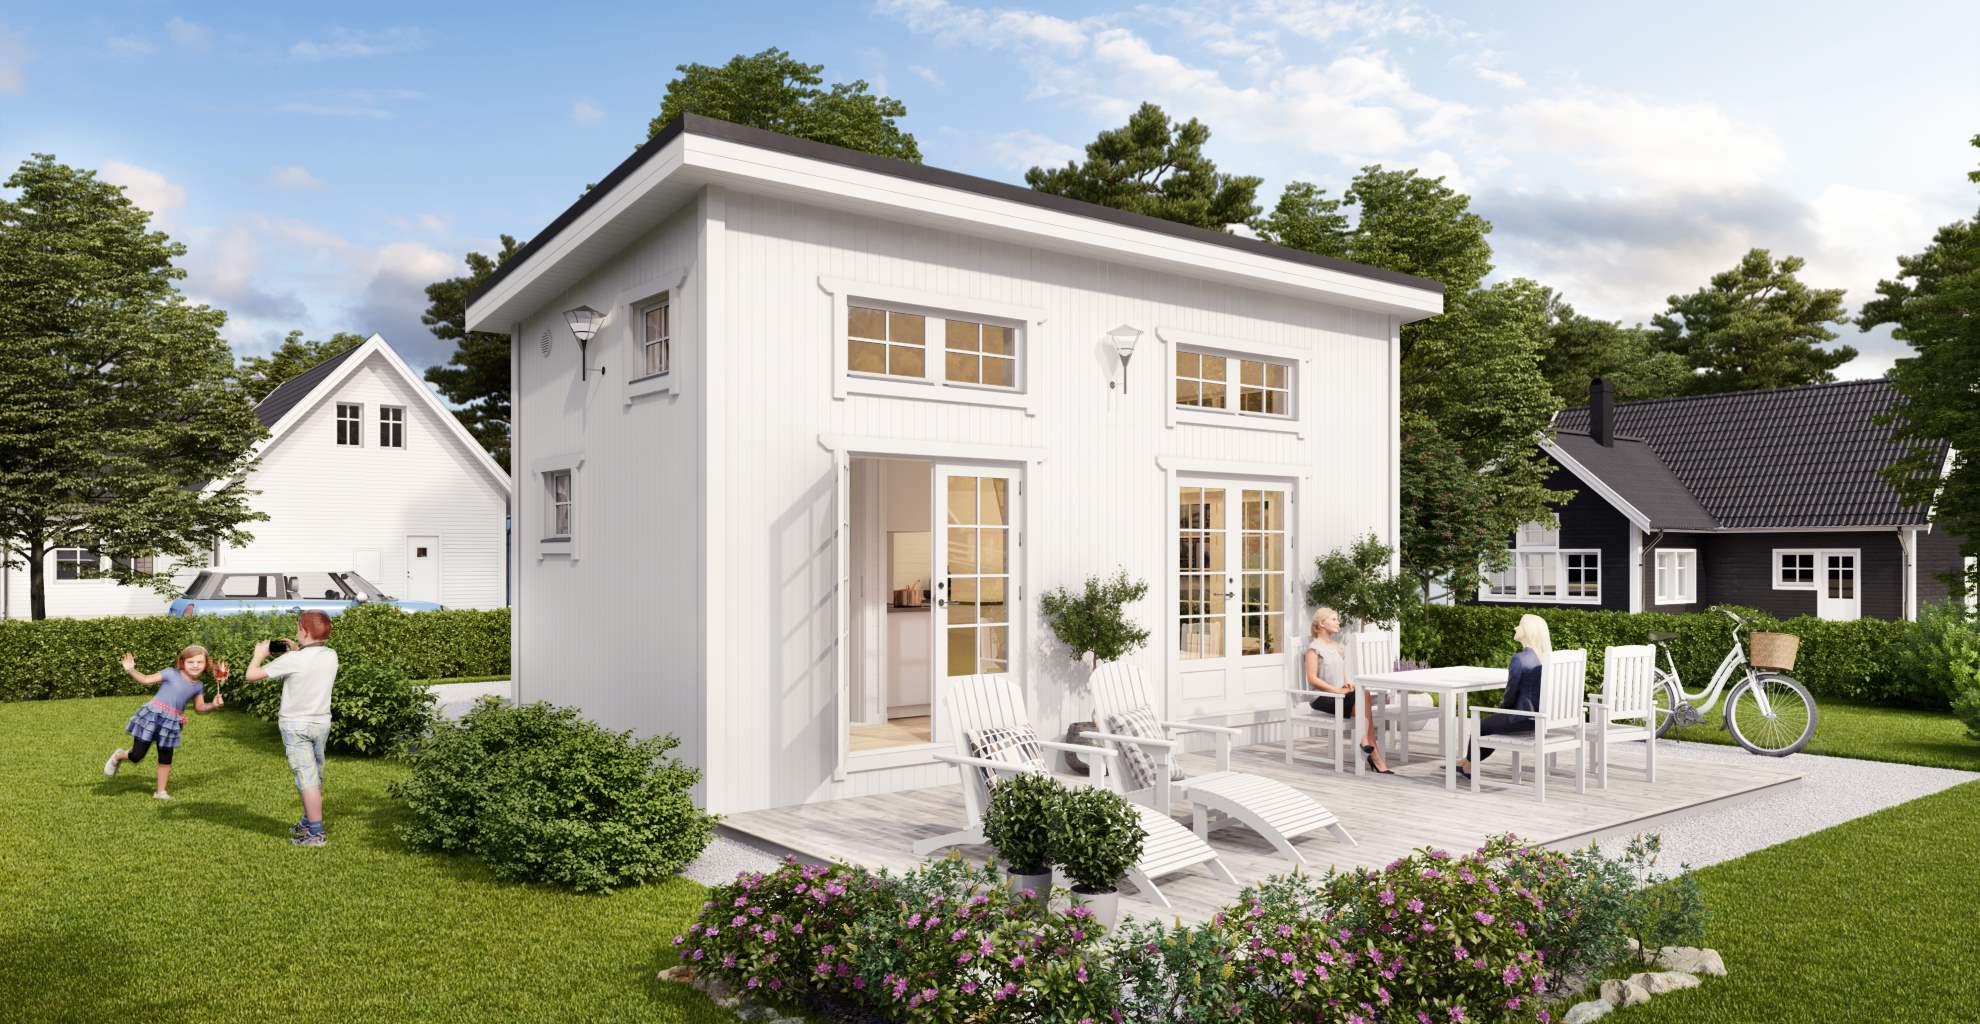 vit fasad på camilla Attefallshus 25 kvadrat utemiljö